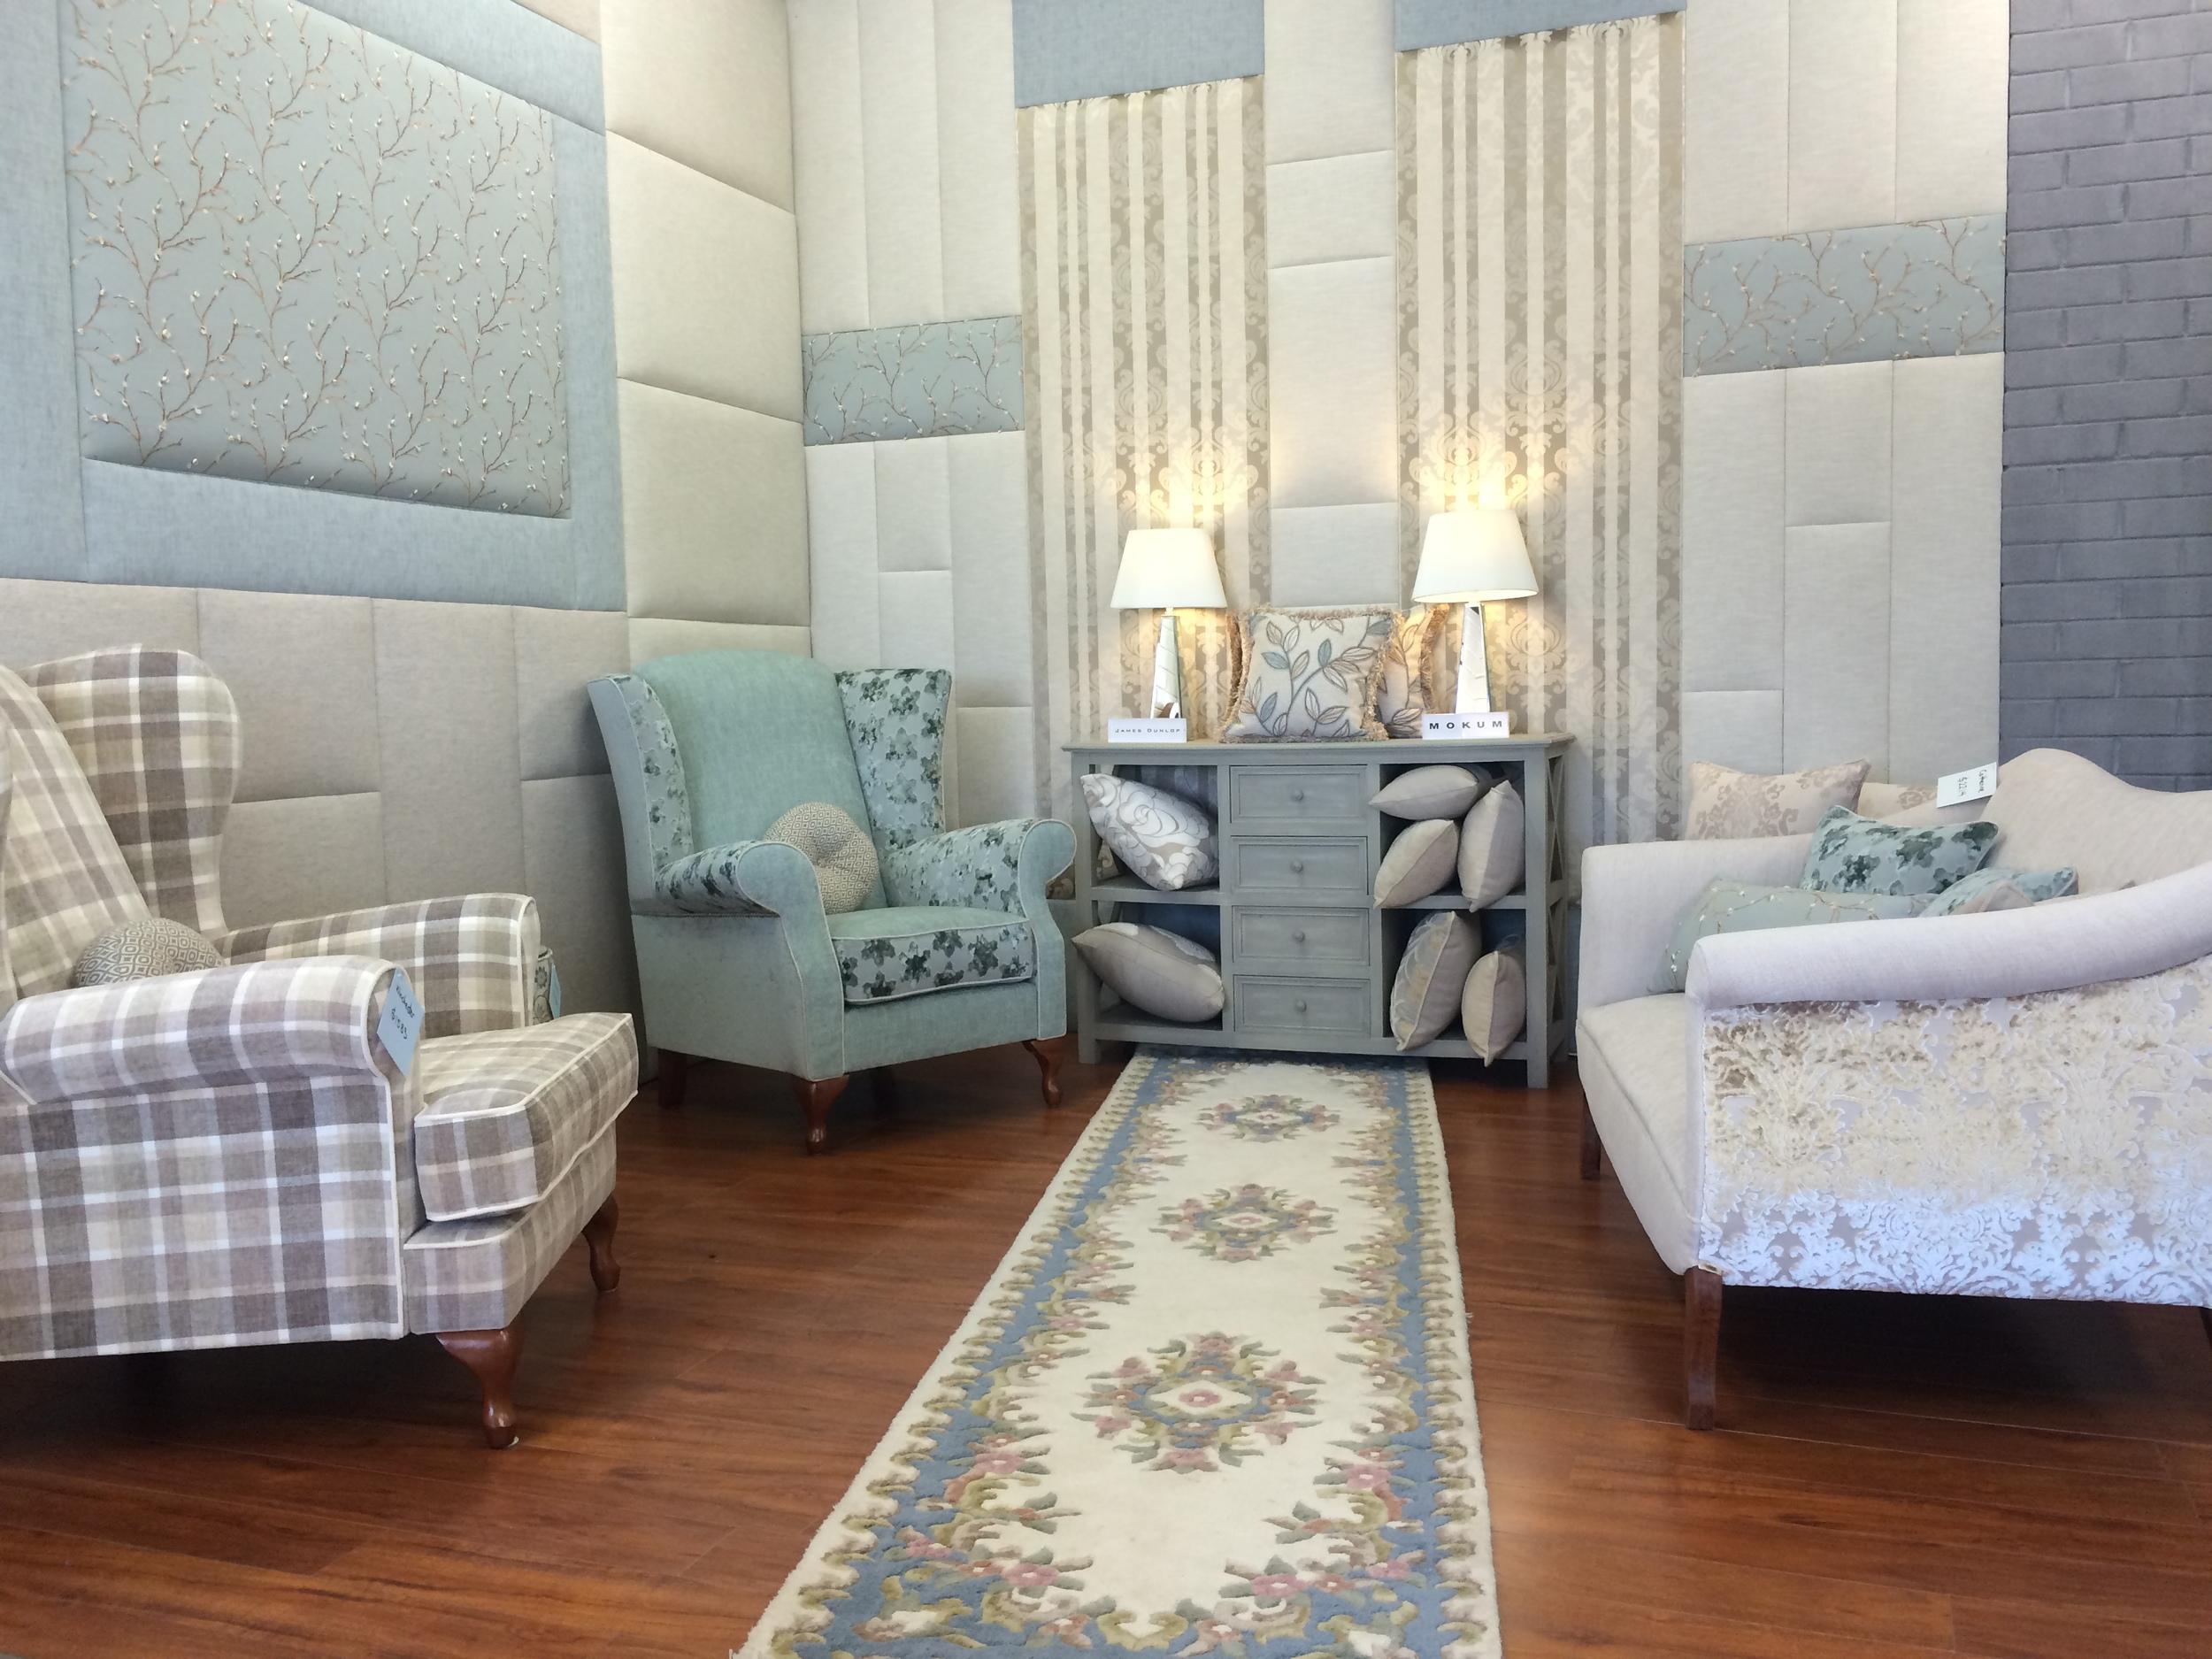 catherine 2 seater lounge - in situ - dream design